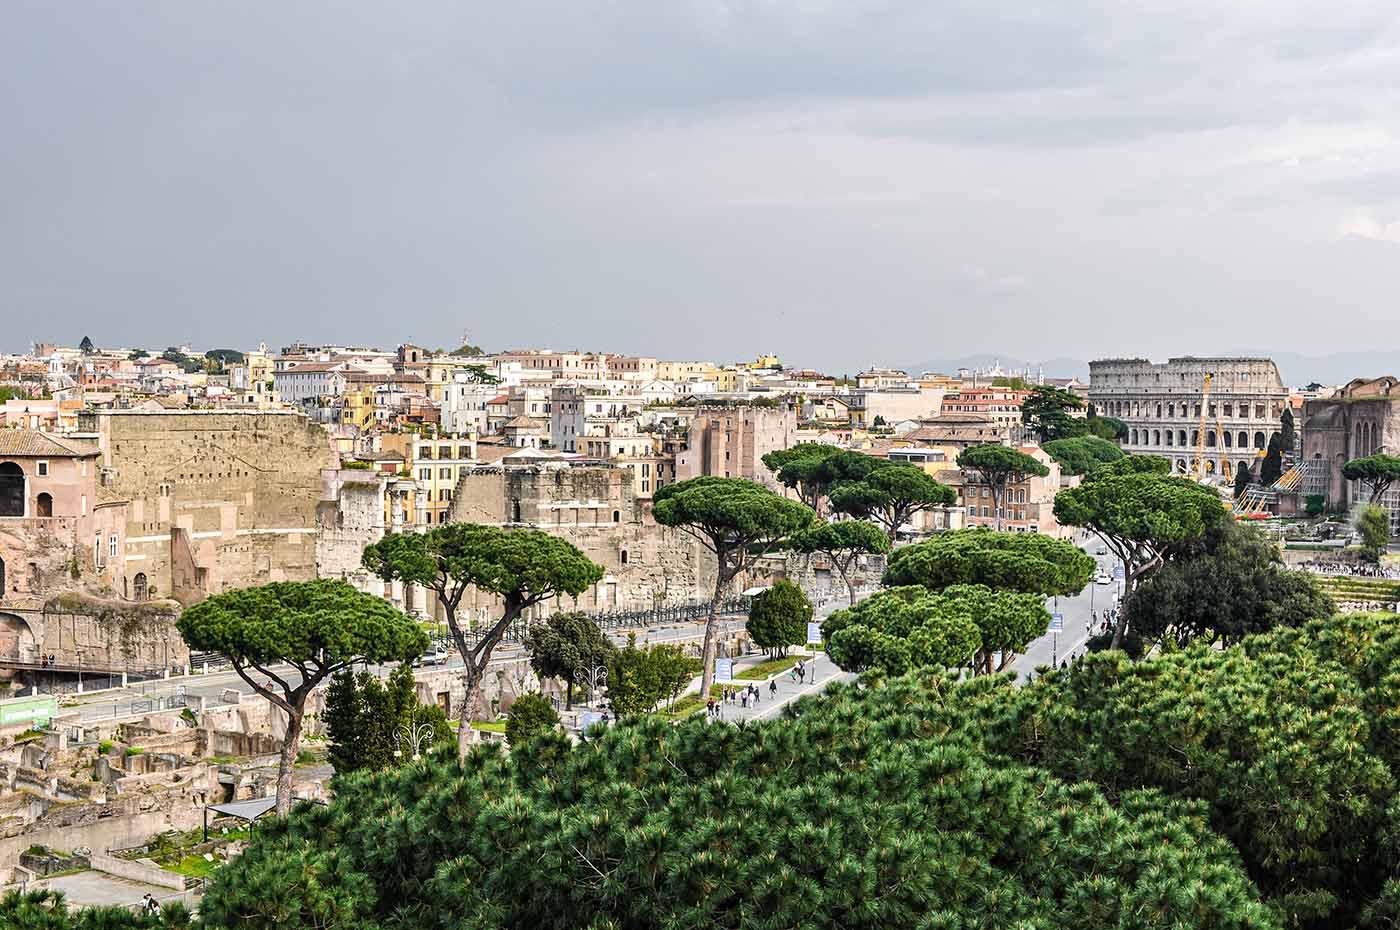 Blick auf die Stadt Rom in der italienischen Region Latium